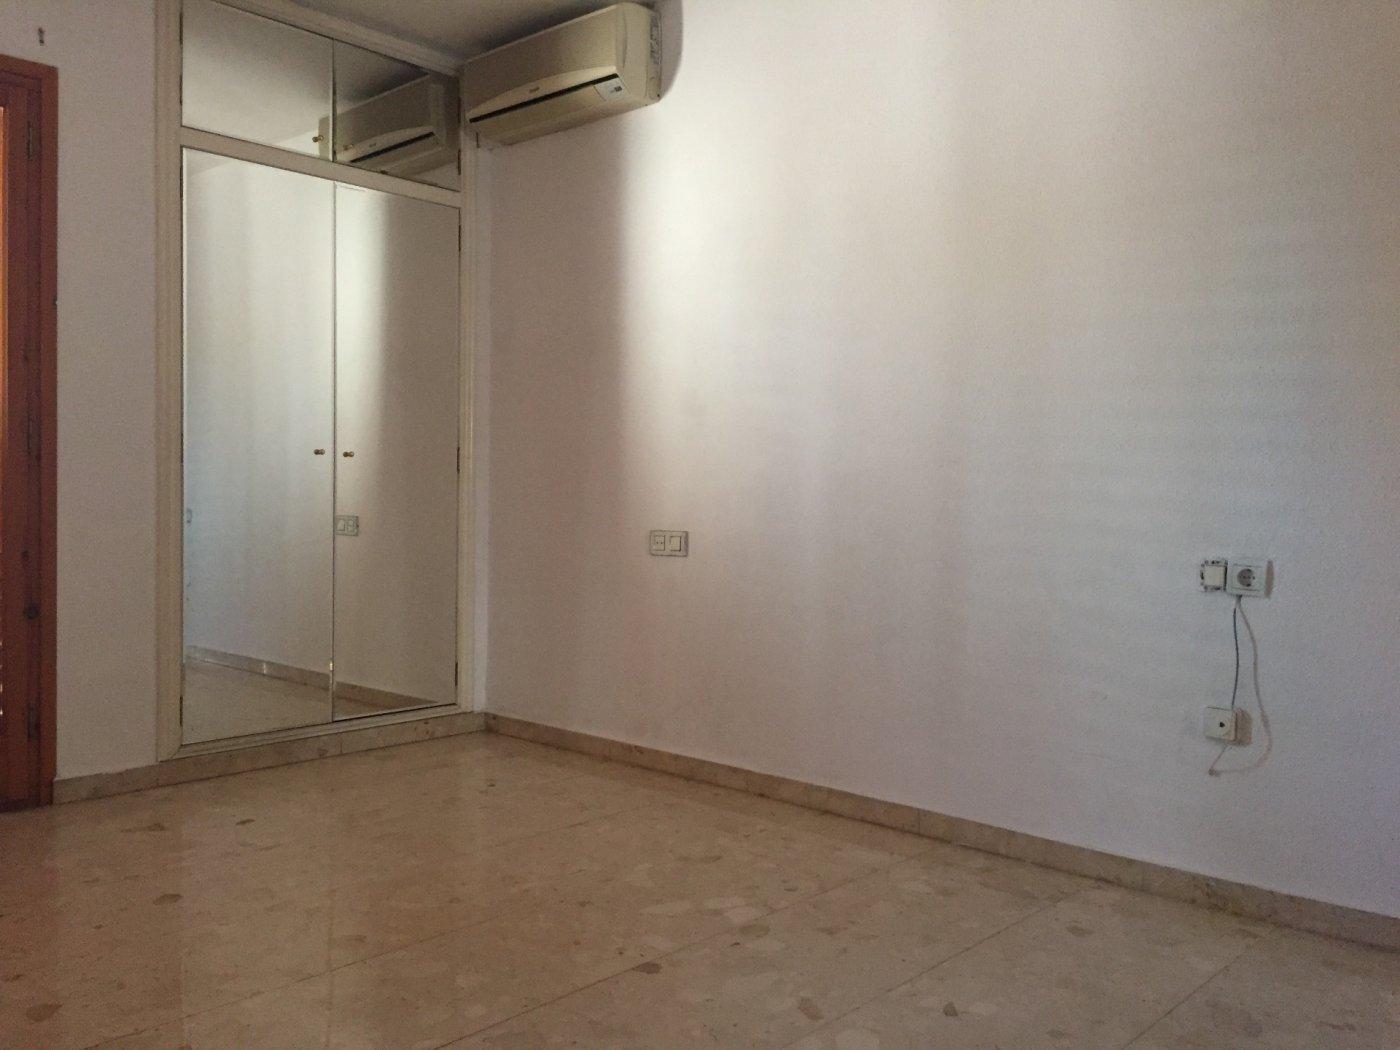 Casa adosado en alfahuir - imagenInmueble12